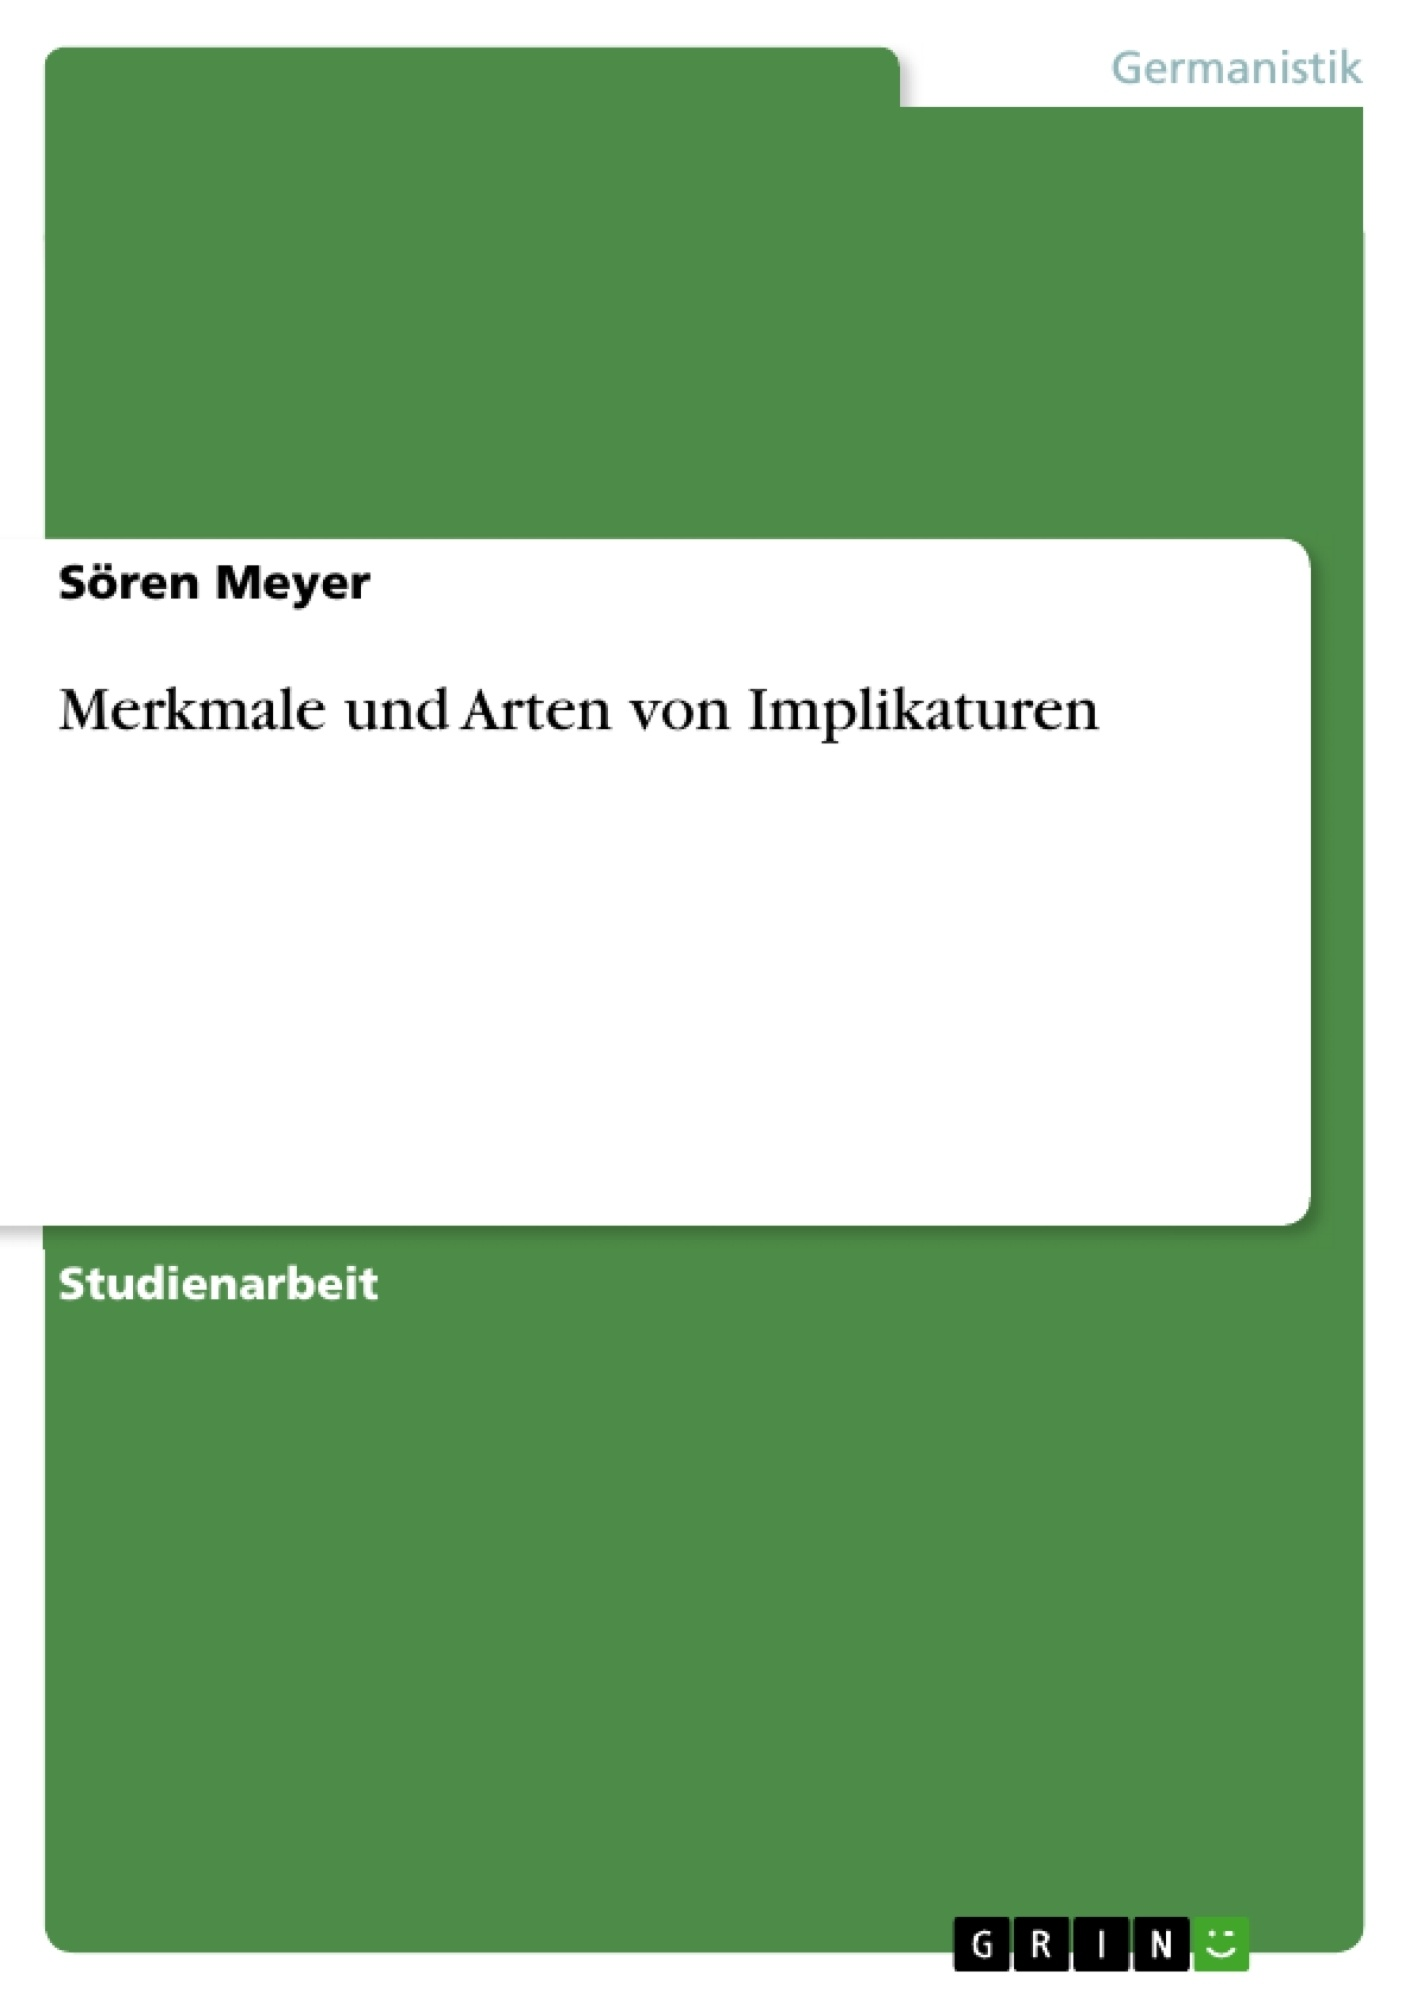 Titel: Merkmale und Arten von Implikaturen